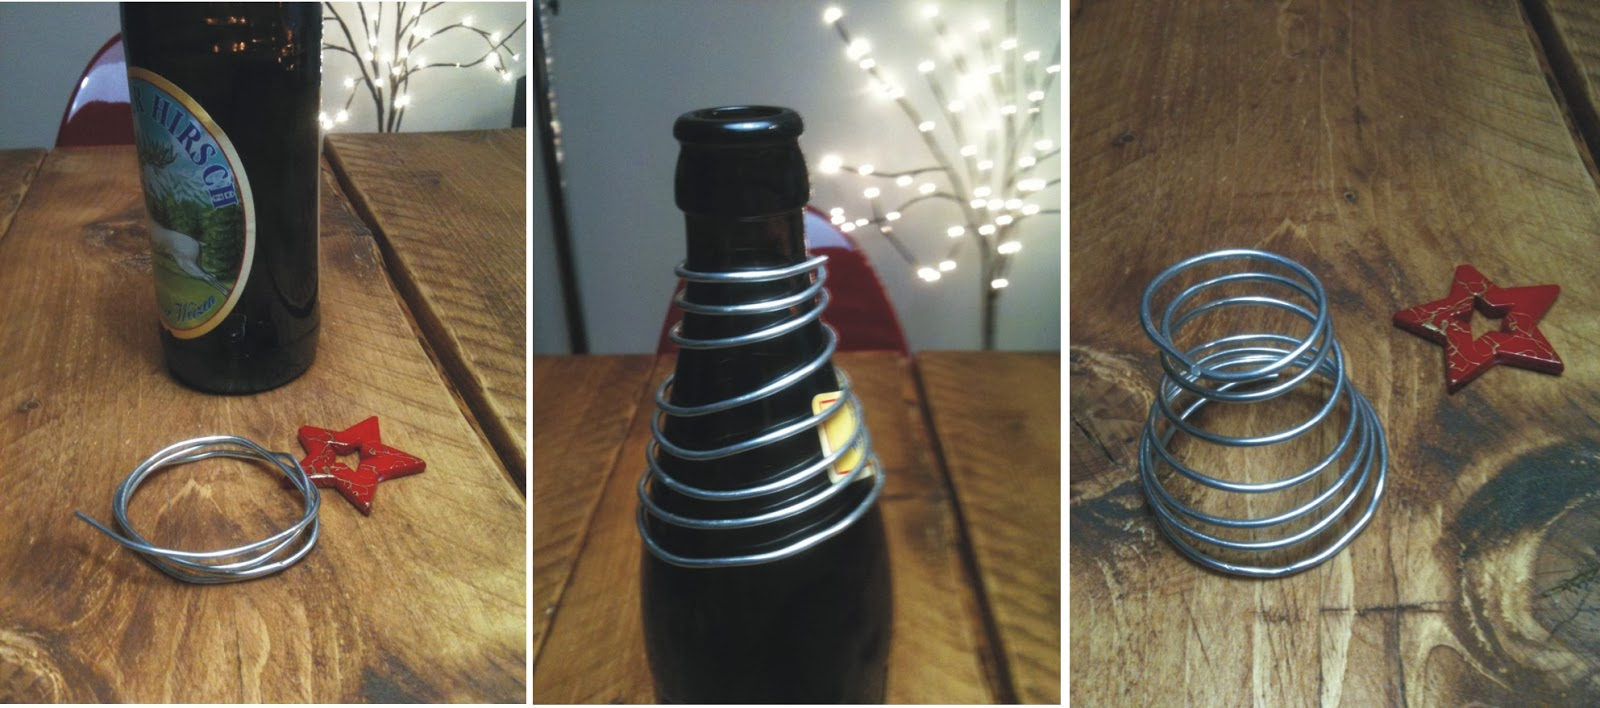 Lampade Filo Alluminio : Lampade con filo colorato e creativo ...